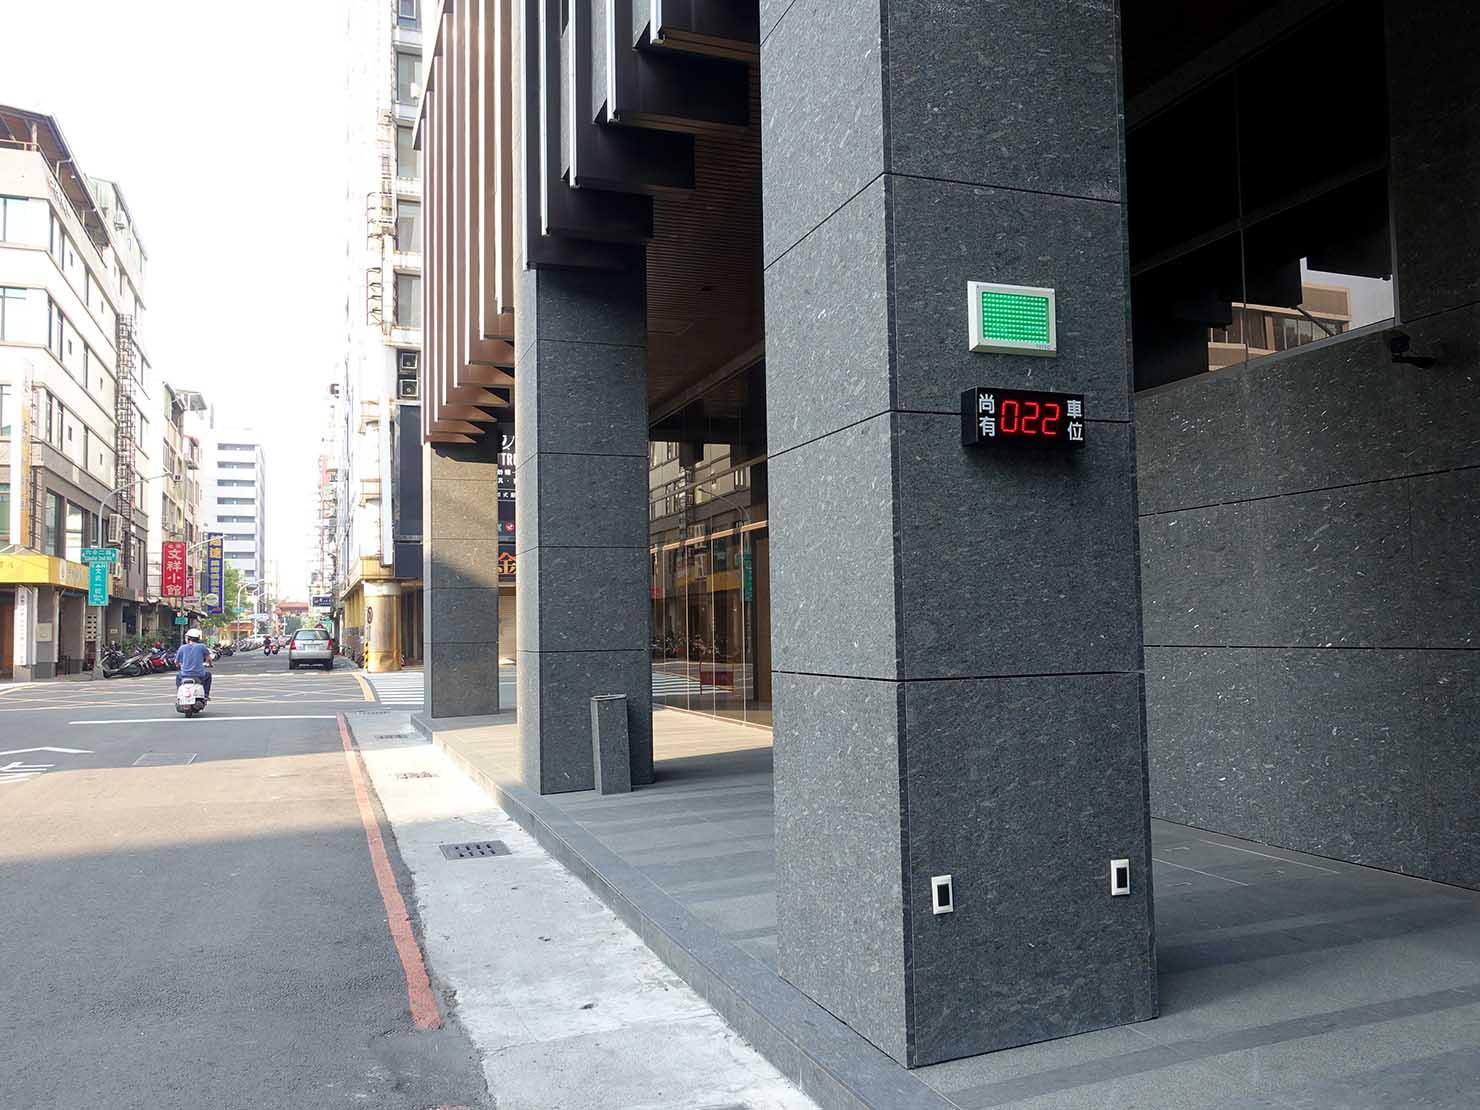 高雄・文武一街の角にある「GREET INN 喜迎旅店」